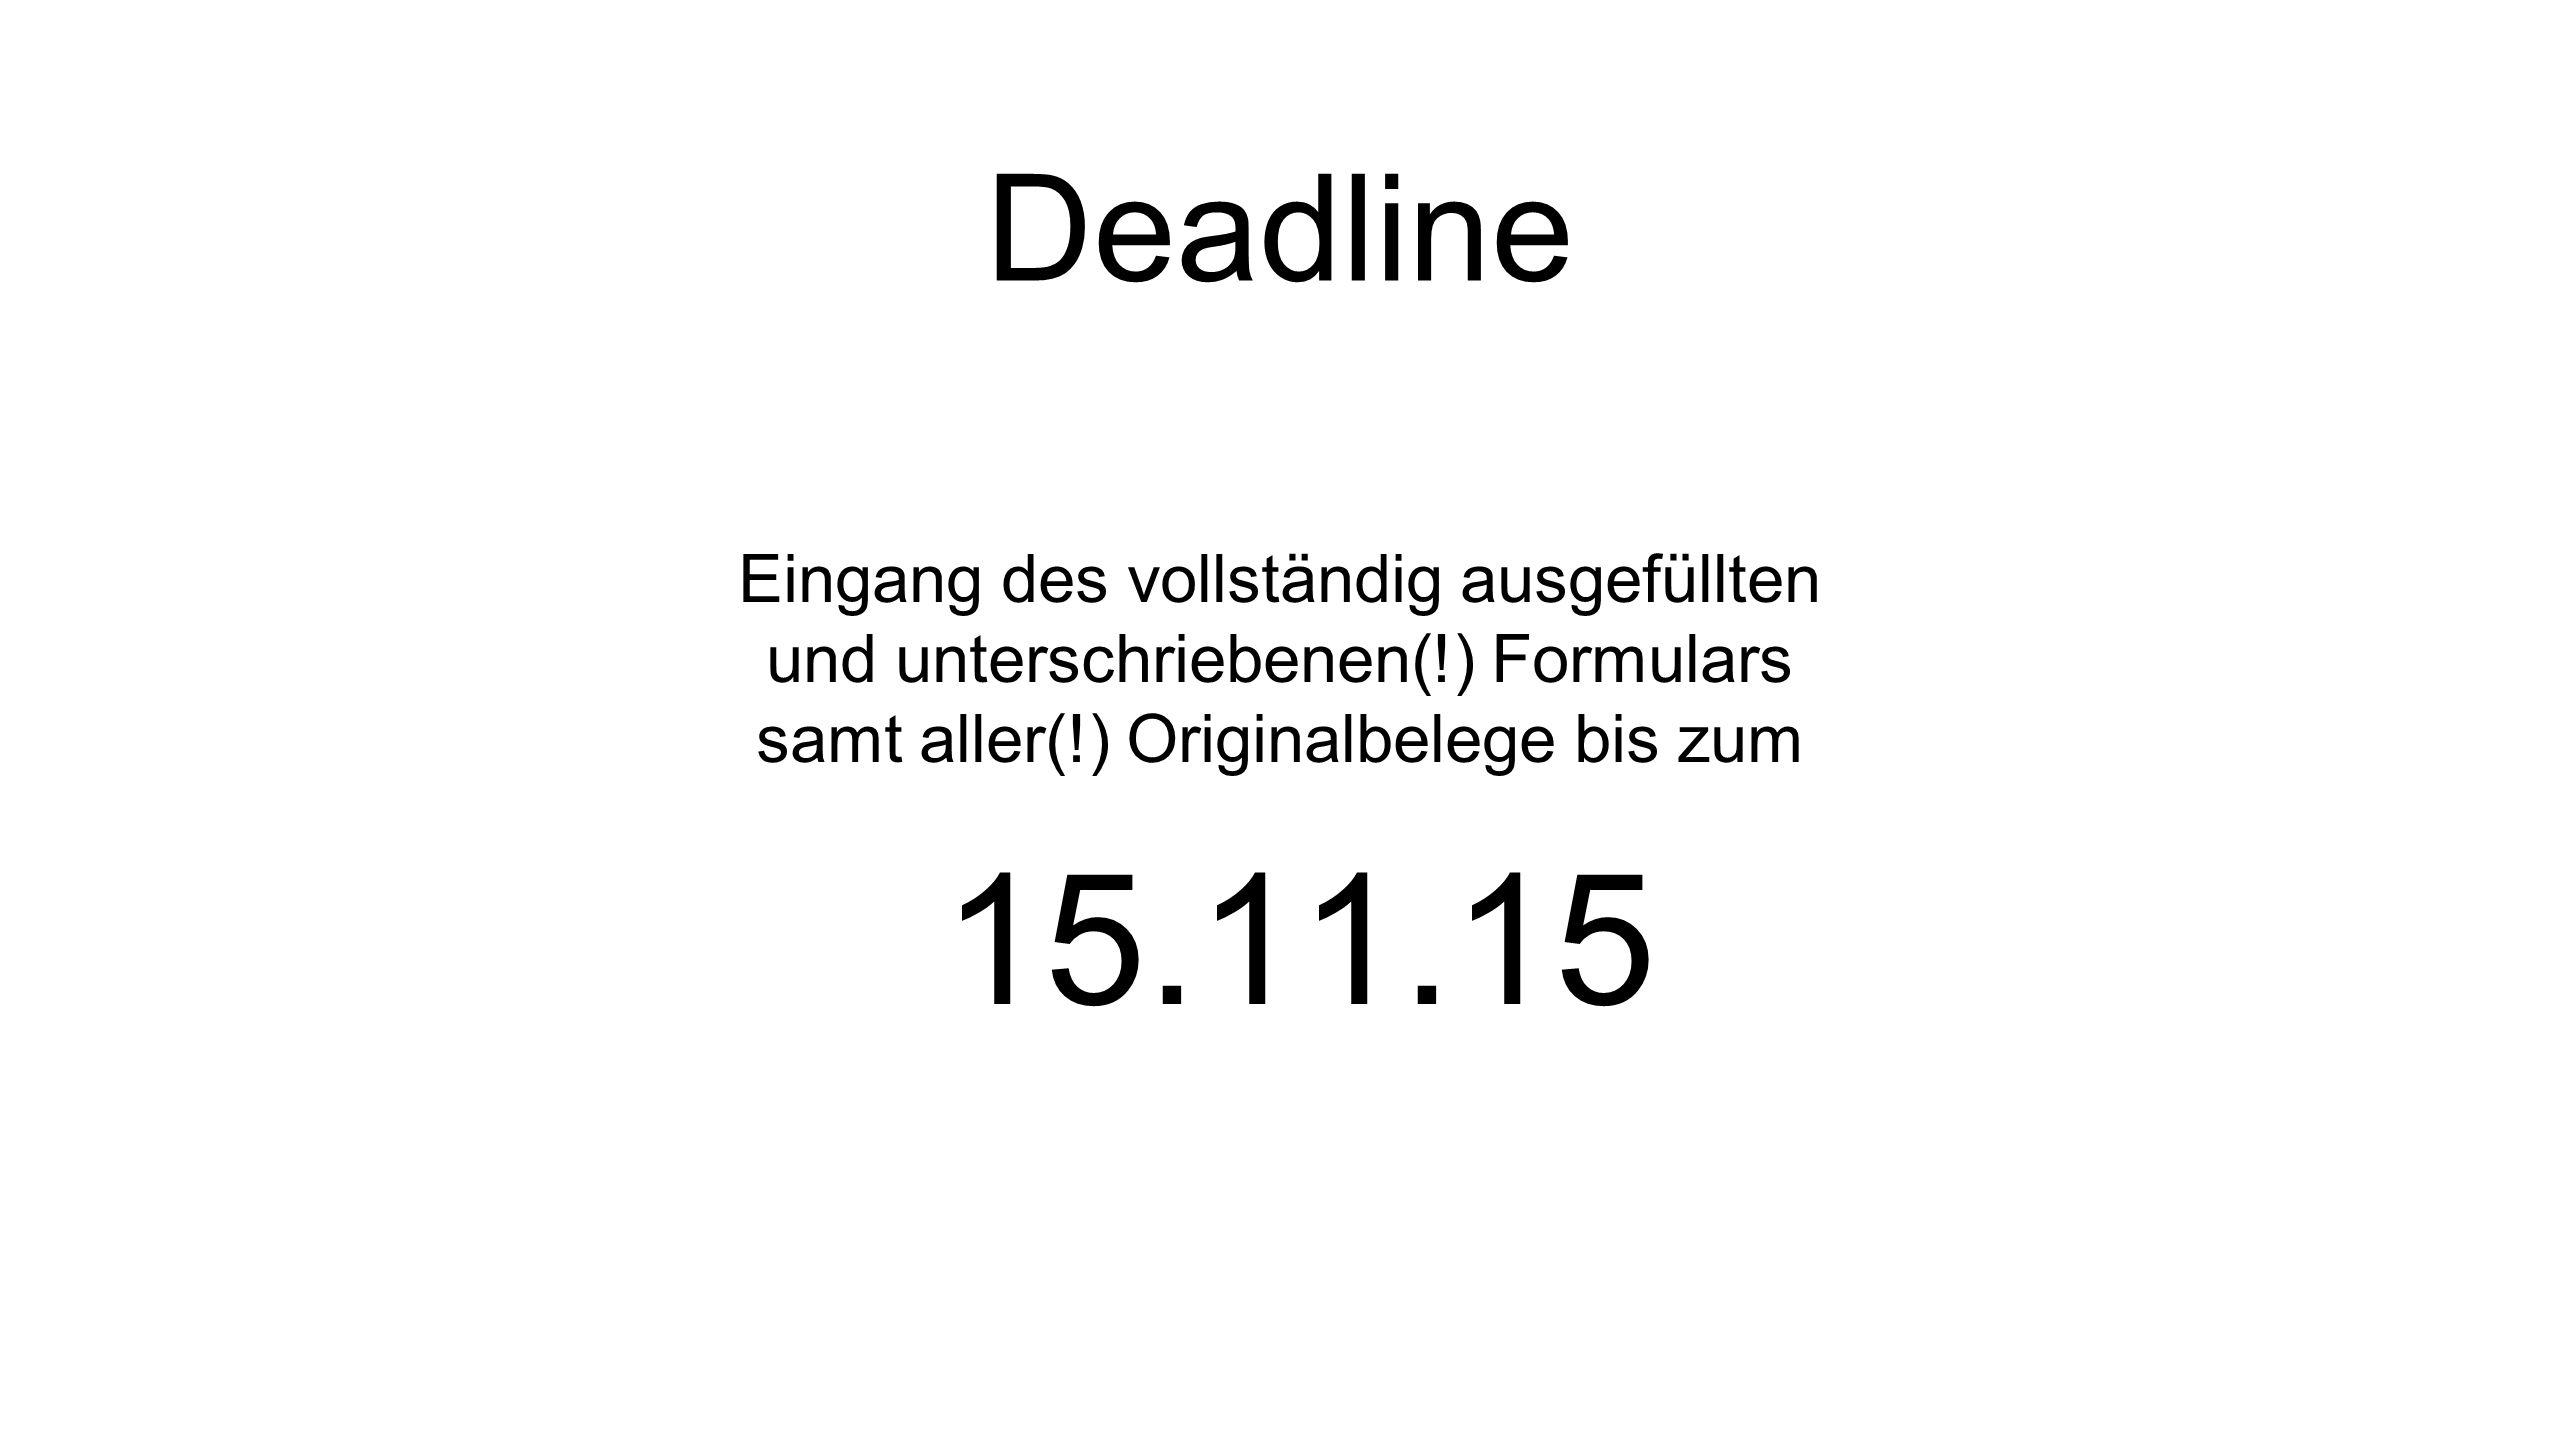 Deadline Eingang des vollständig ausgefüllten und unterschriebenen(!) Formulars samt aller(!) Originalbelege bis zum 15.11.15